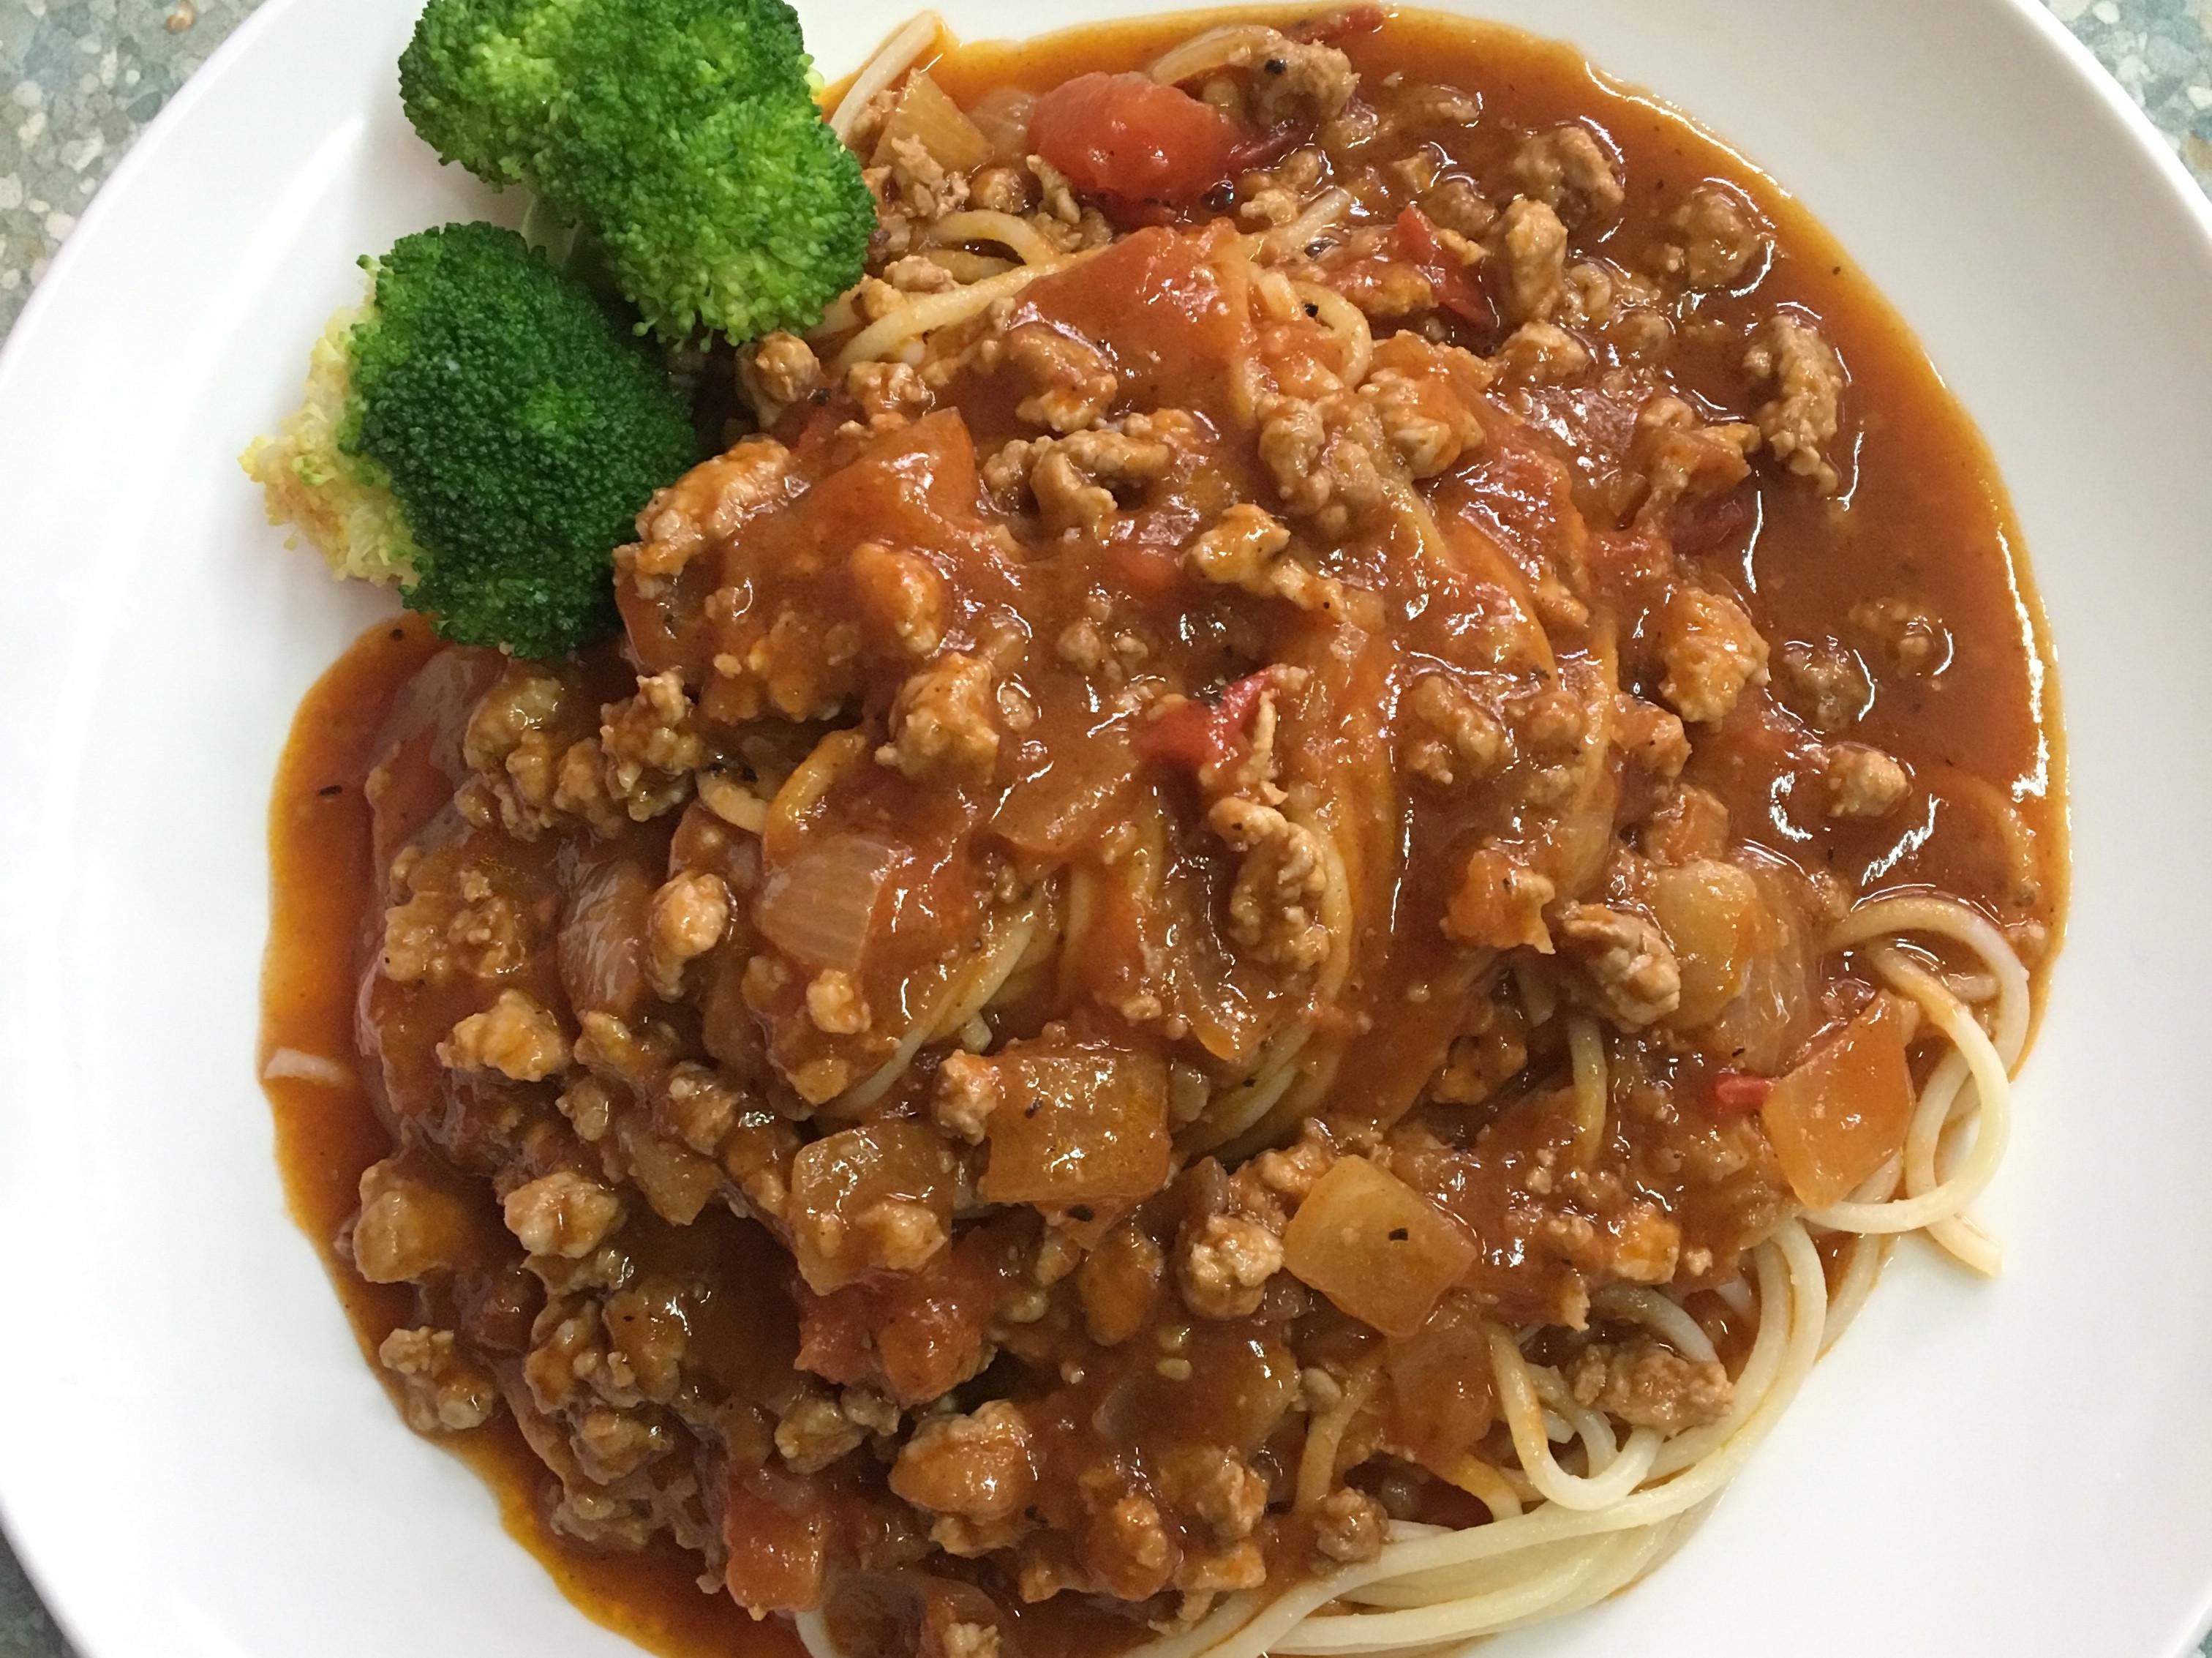 懷舊風義大利肉醬麵(小歇版)